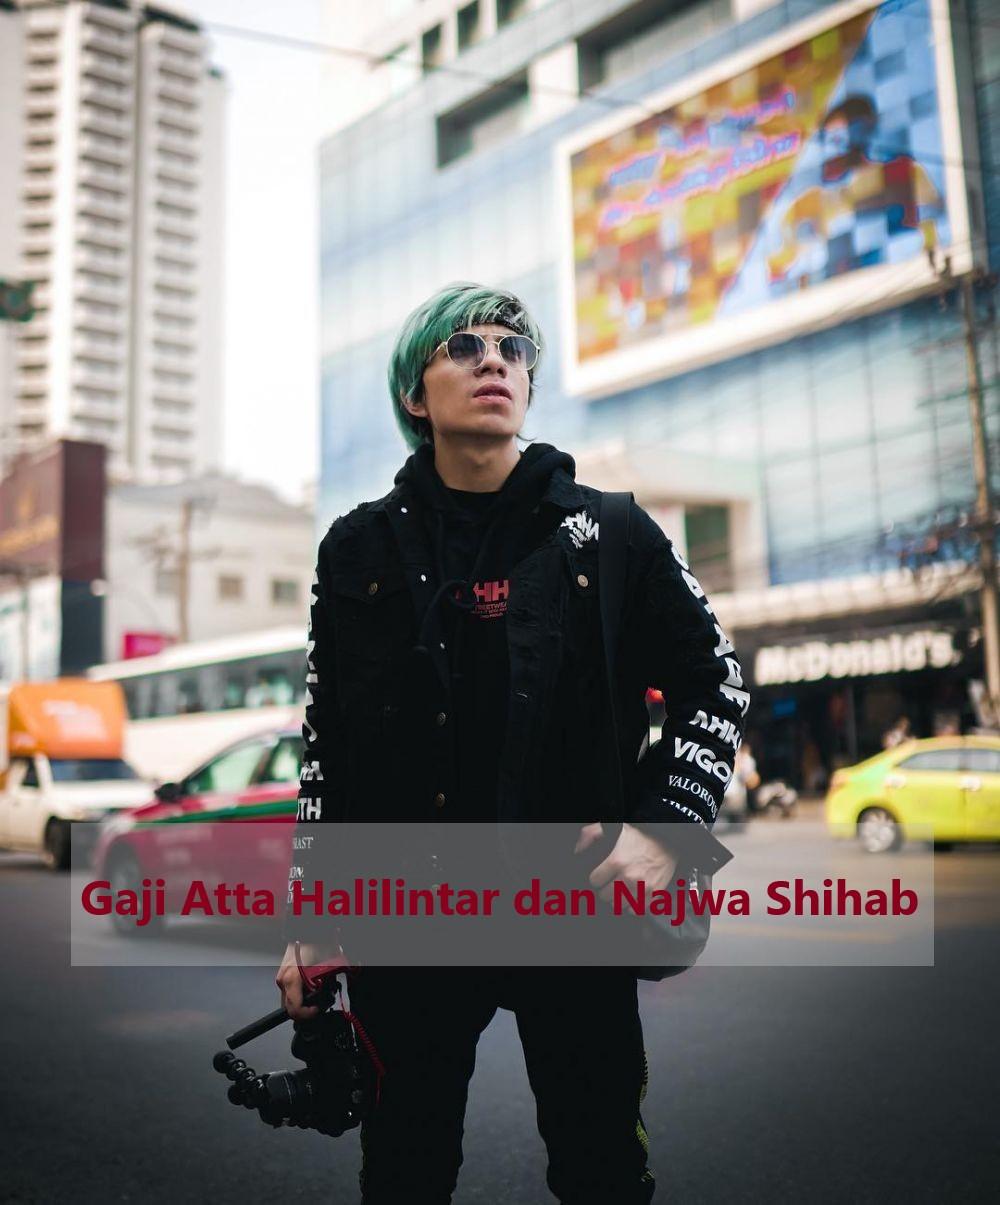 Gaji Atta Halilintar dan Najwa Shihab